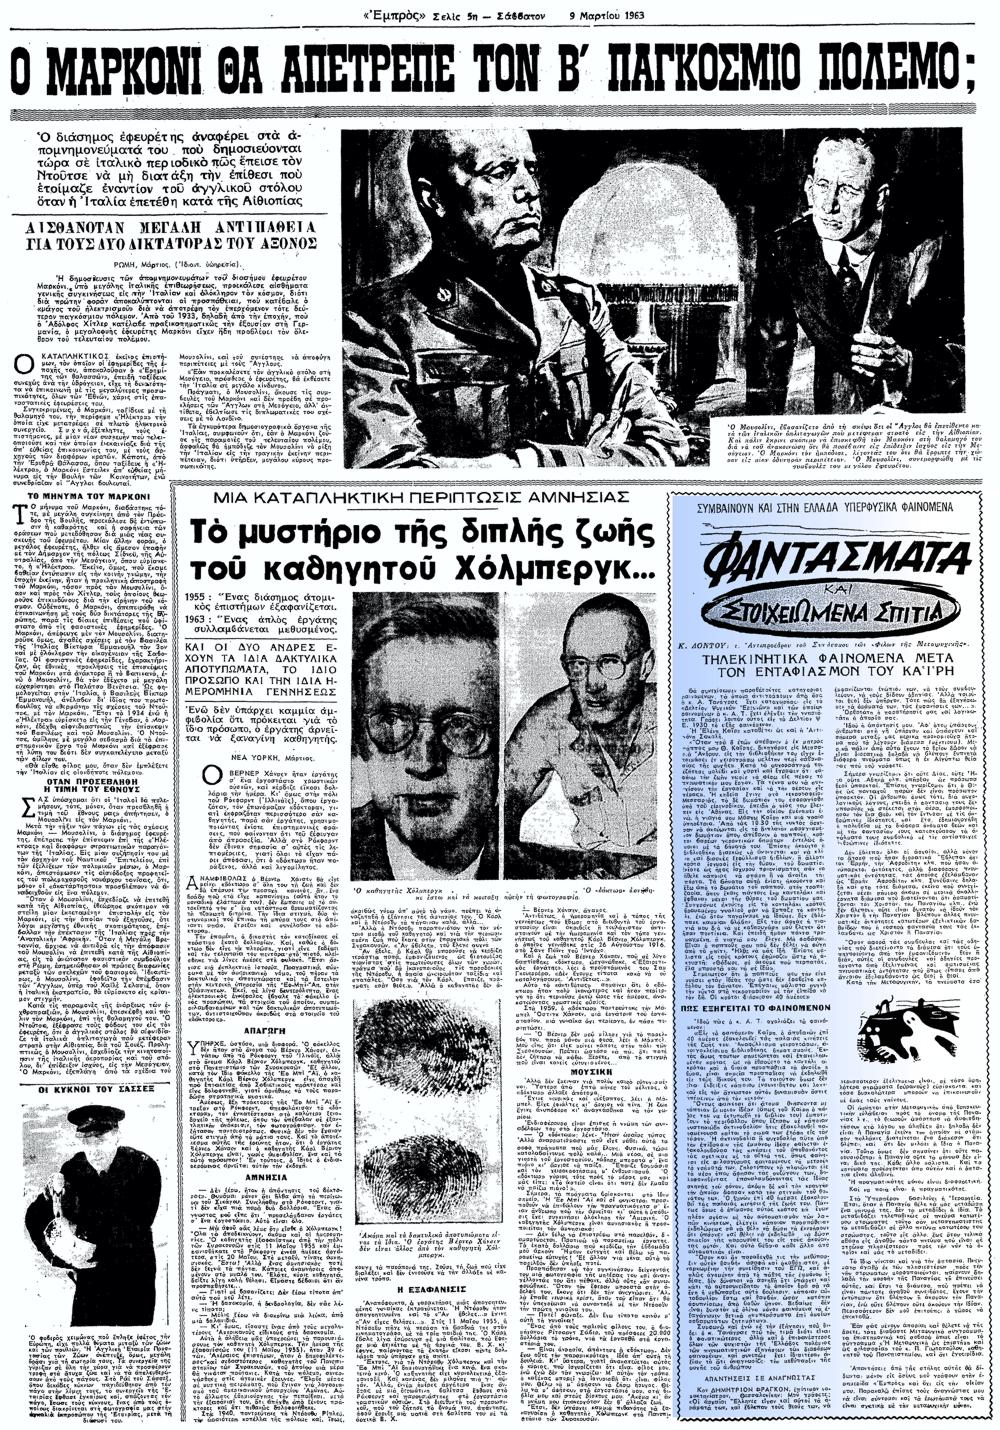 """Το άρθρο, όπως δημοσιεύθηκε στην εφημερίδα """"ΕΜΠΡΟΣ"""", στις 09/03/1963"""